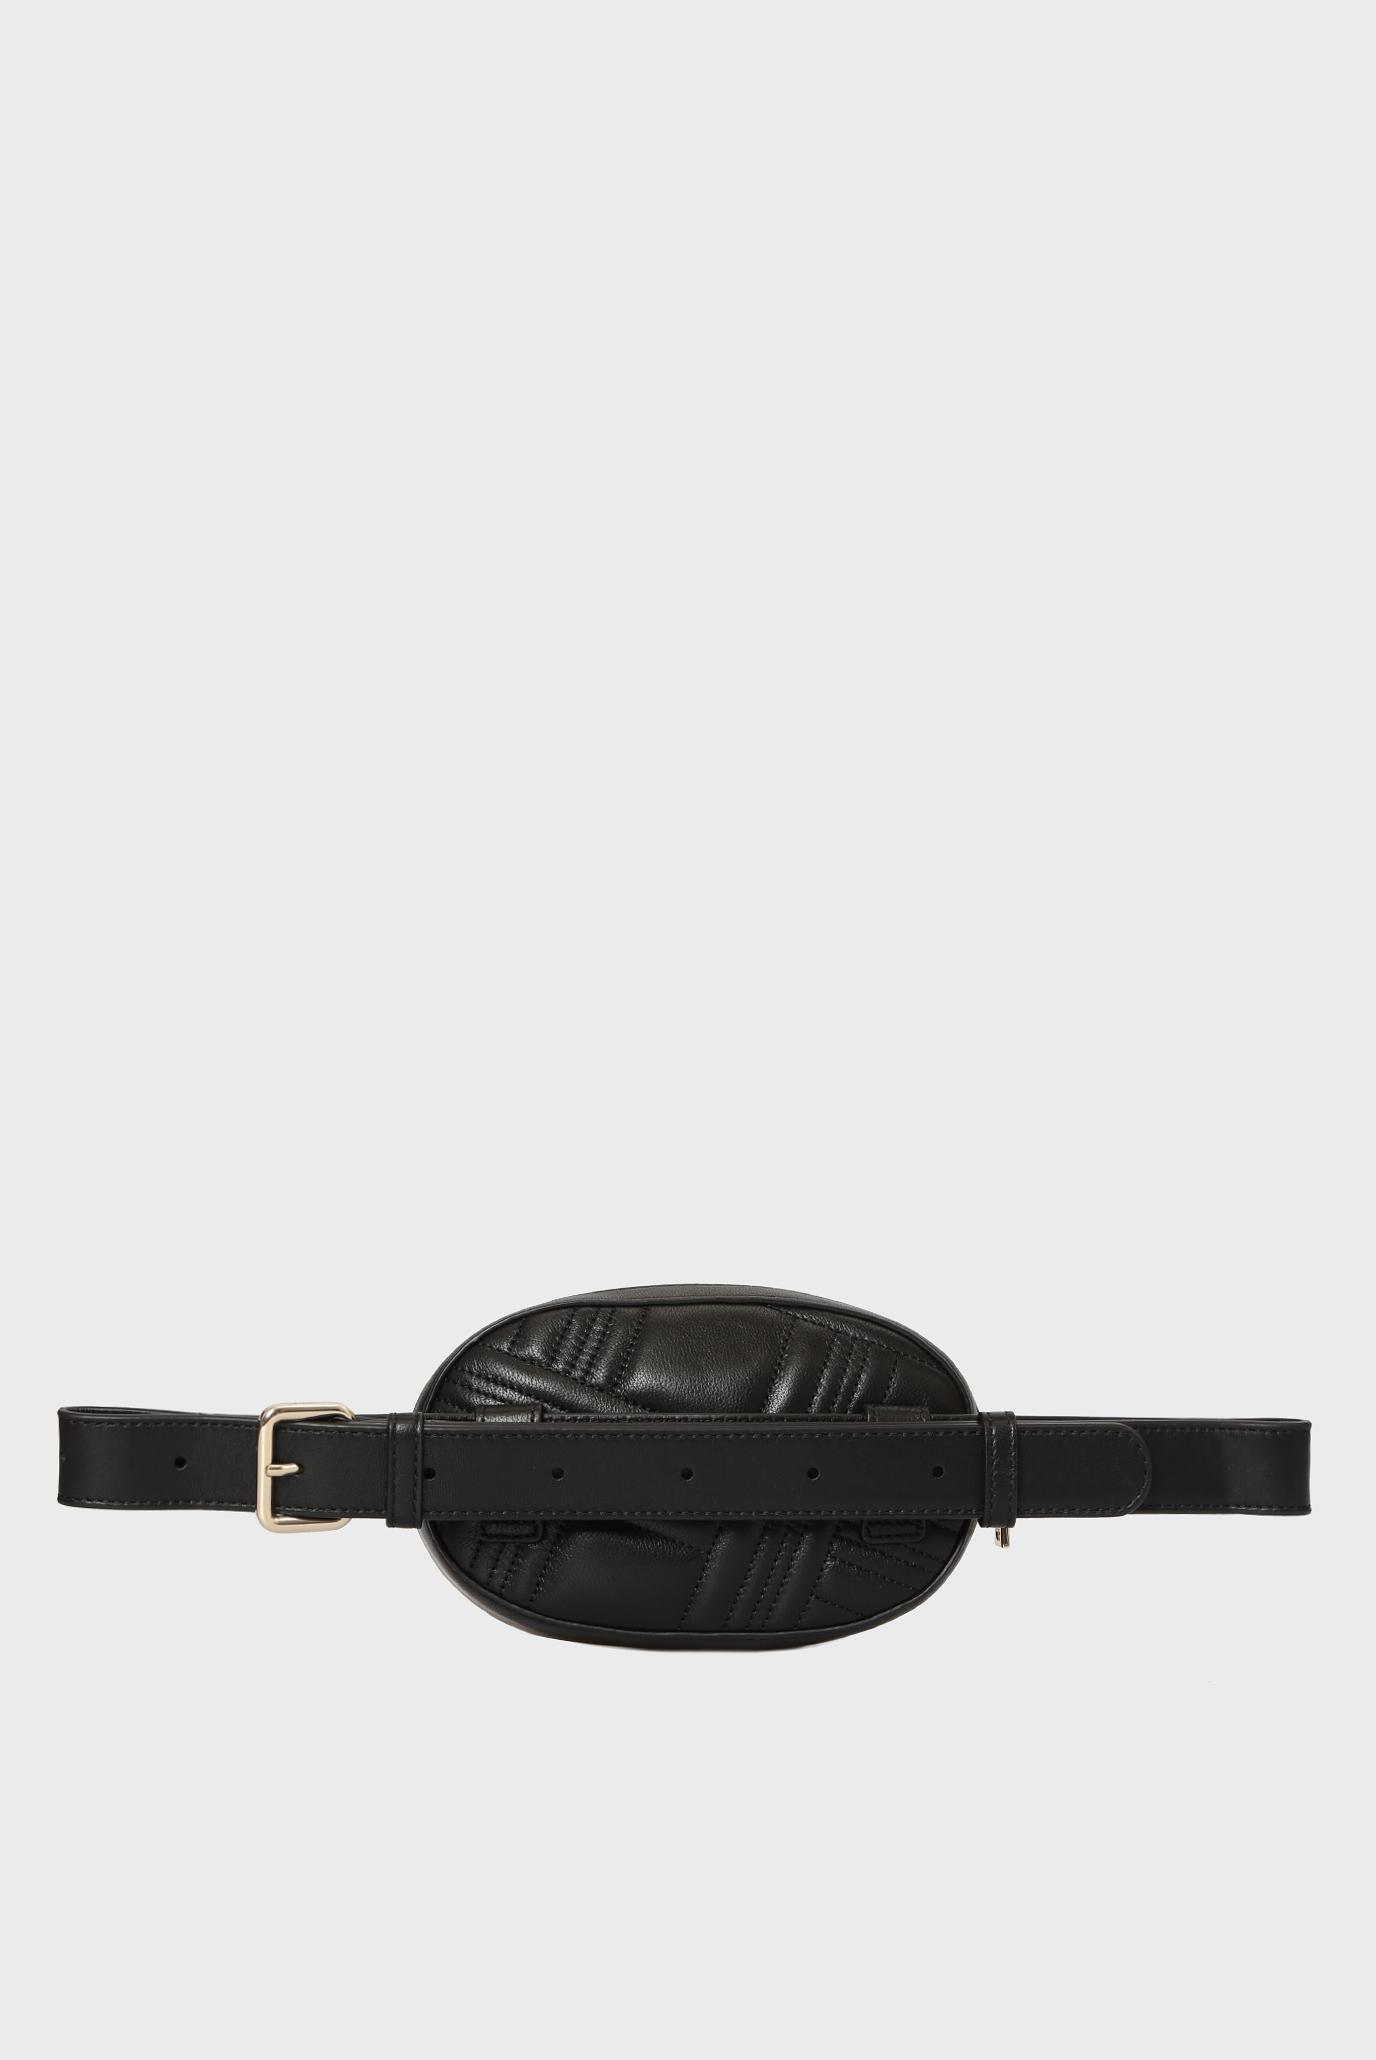 Купить Женская черная кожаная поясная сумка ALLEN-BELT DKNY DKNY R842B965 – Киев, Украина. Цены в интернет магазине MD Fashion